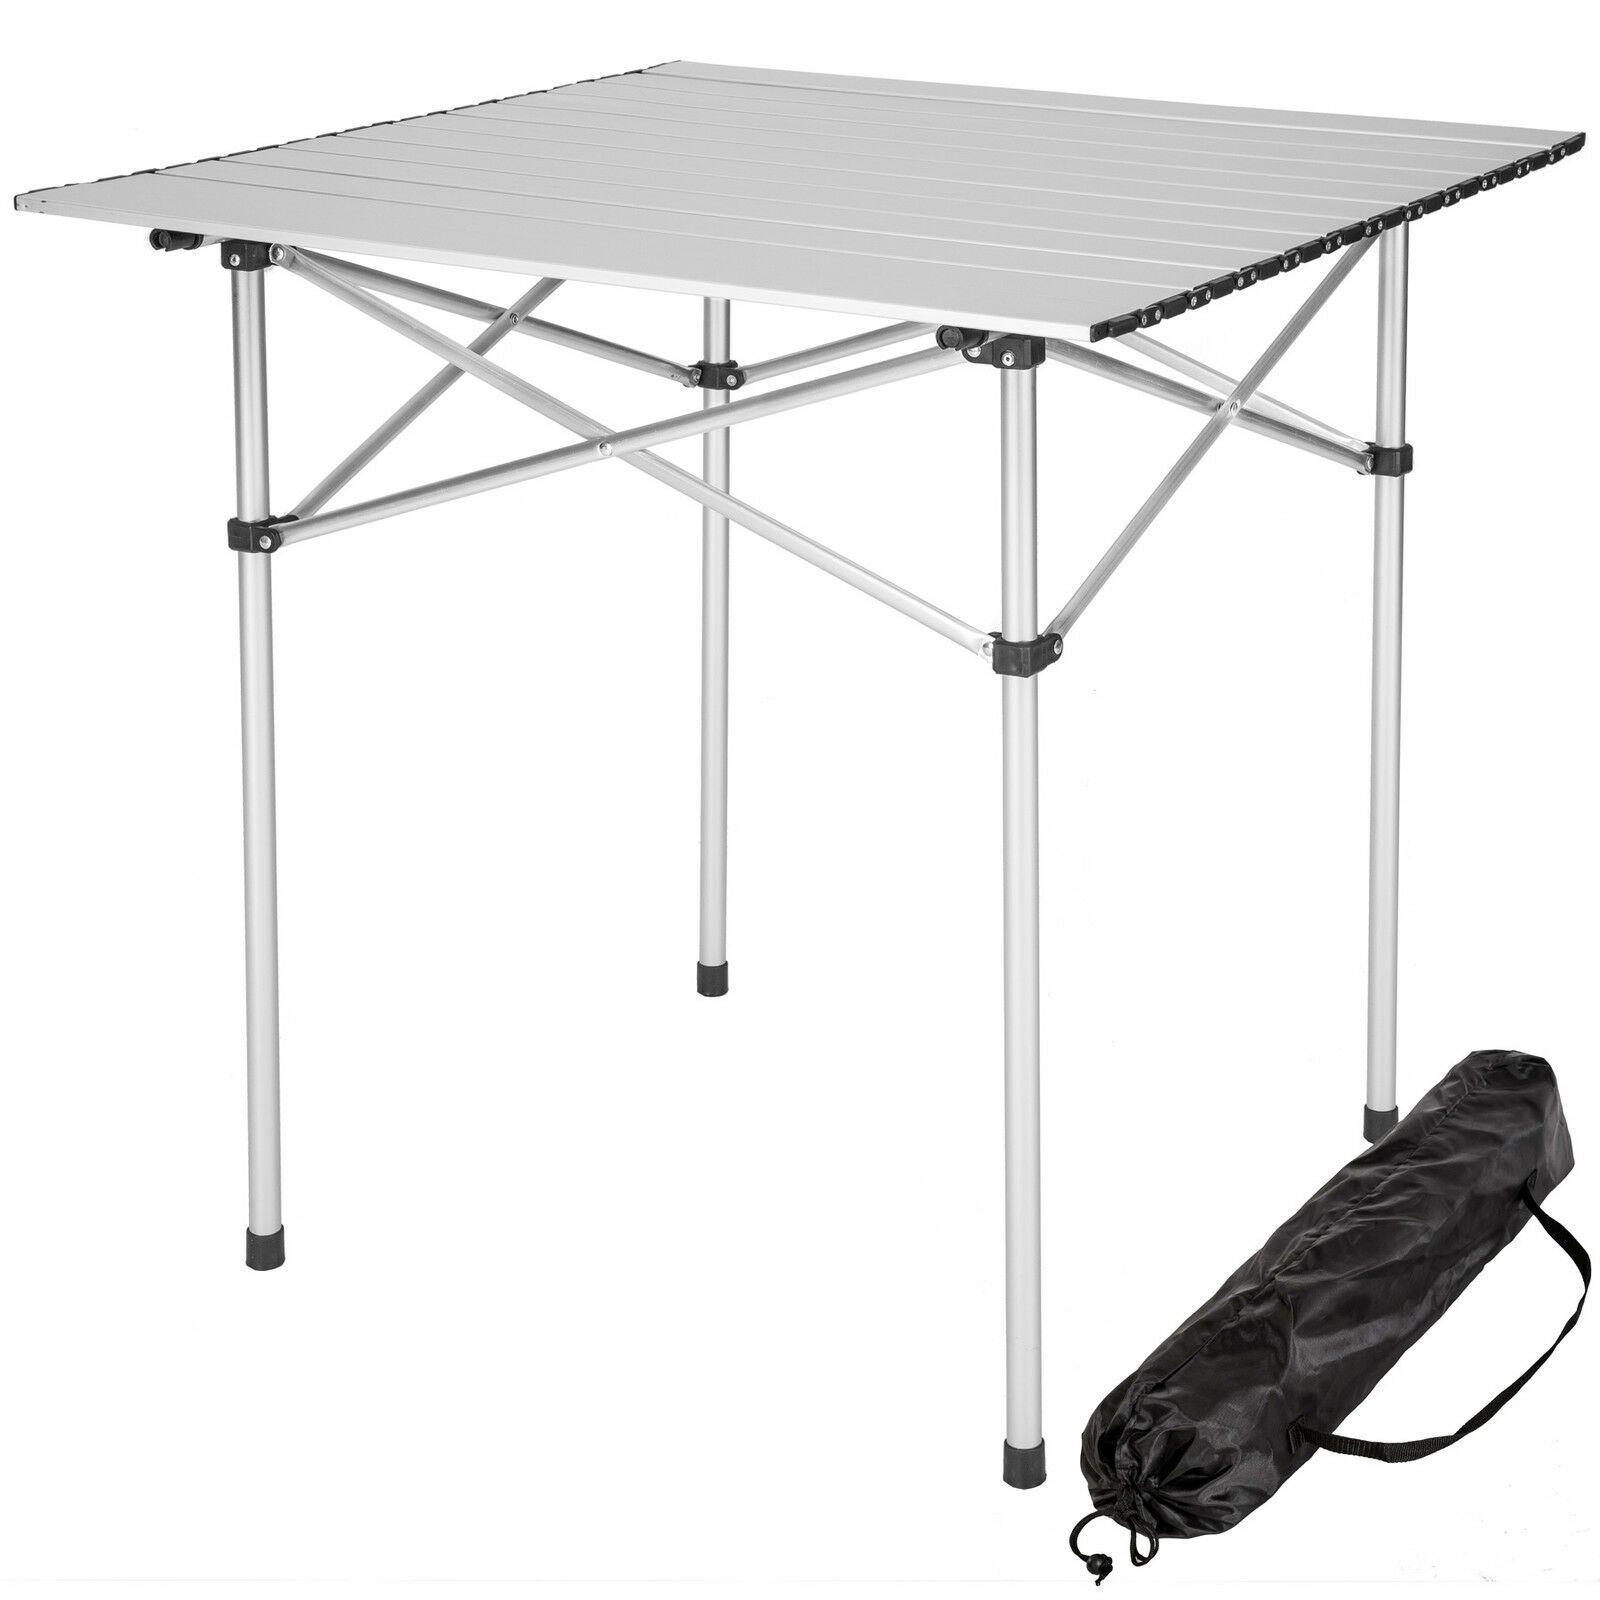 Werbung Aluminium Campingtisch Rolltisch Klapptisch Falttisch Gartentisch Klappbar Ebay